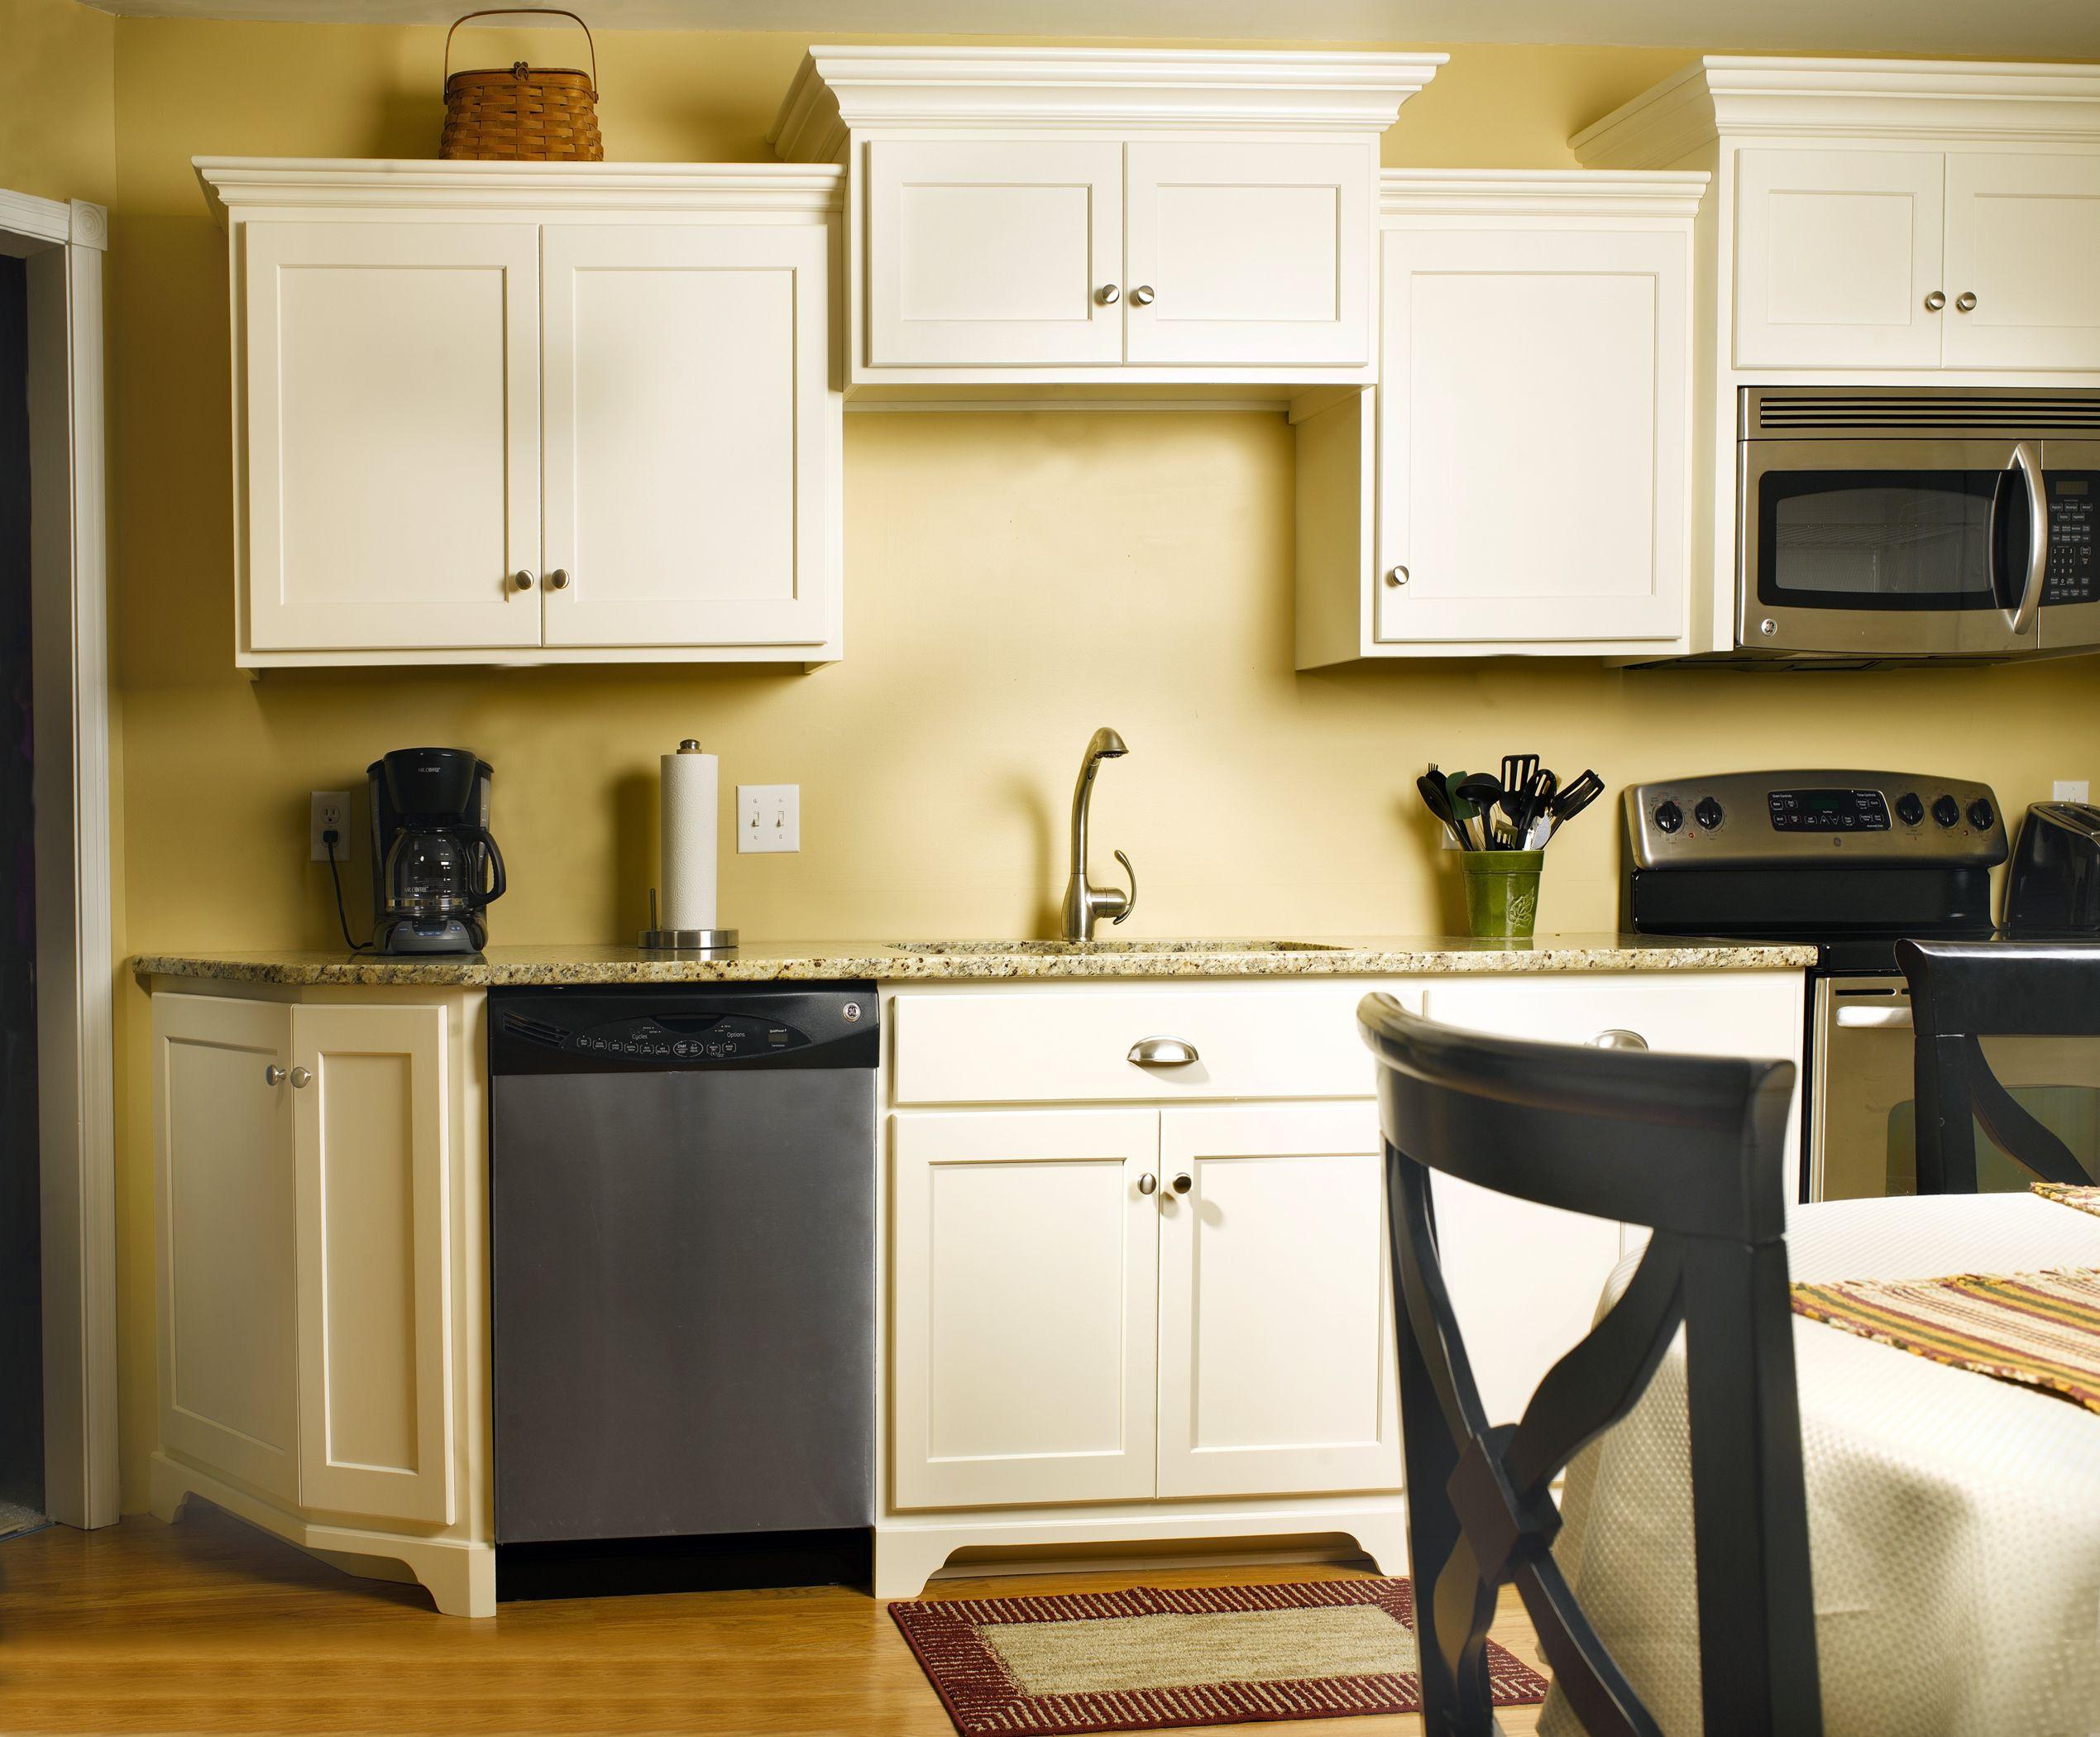 Lakeview Apartment Paredes Da Sala De Jantar Armarios Para Sala De Jantar Cozinhas Modernas